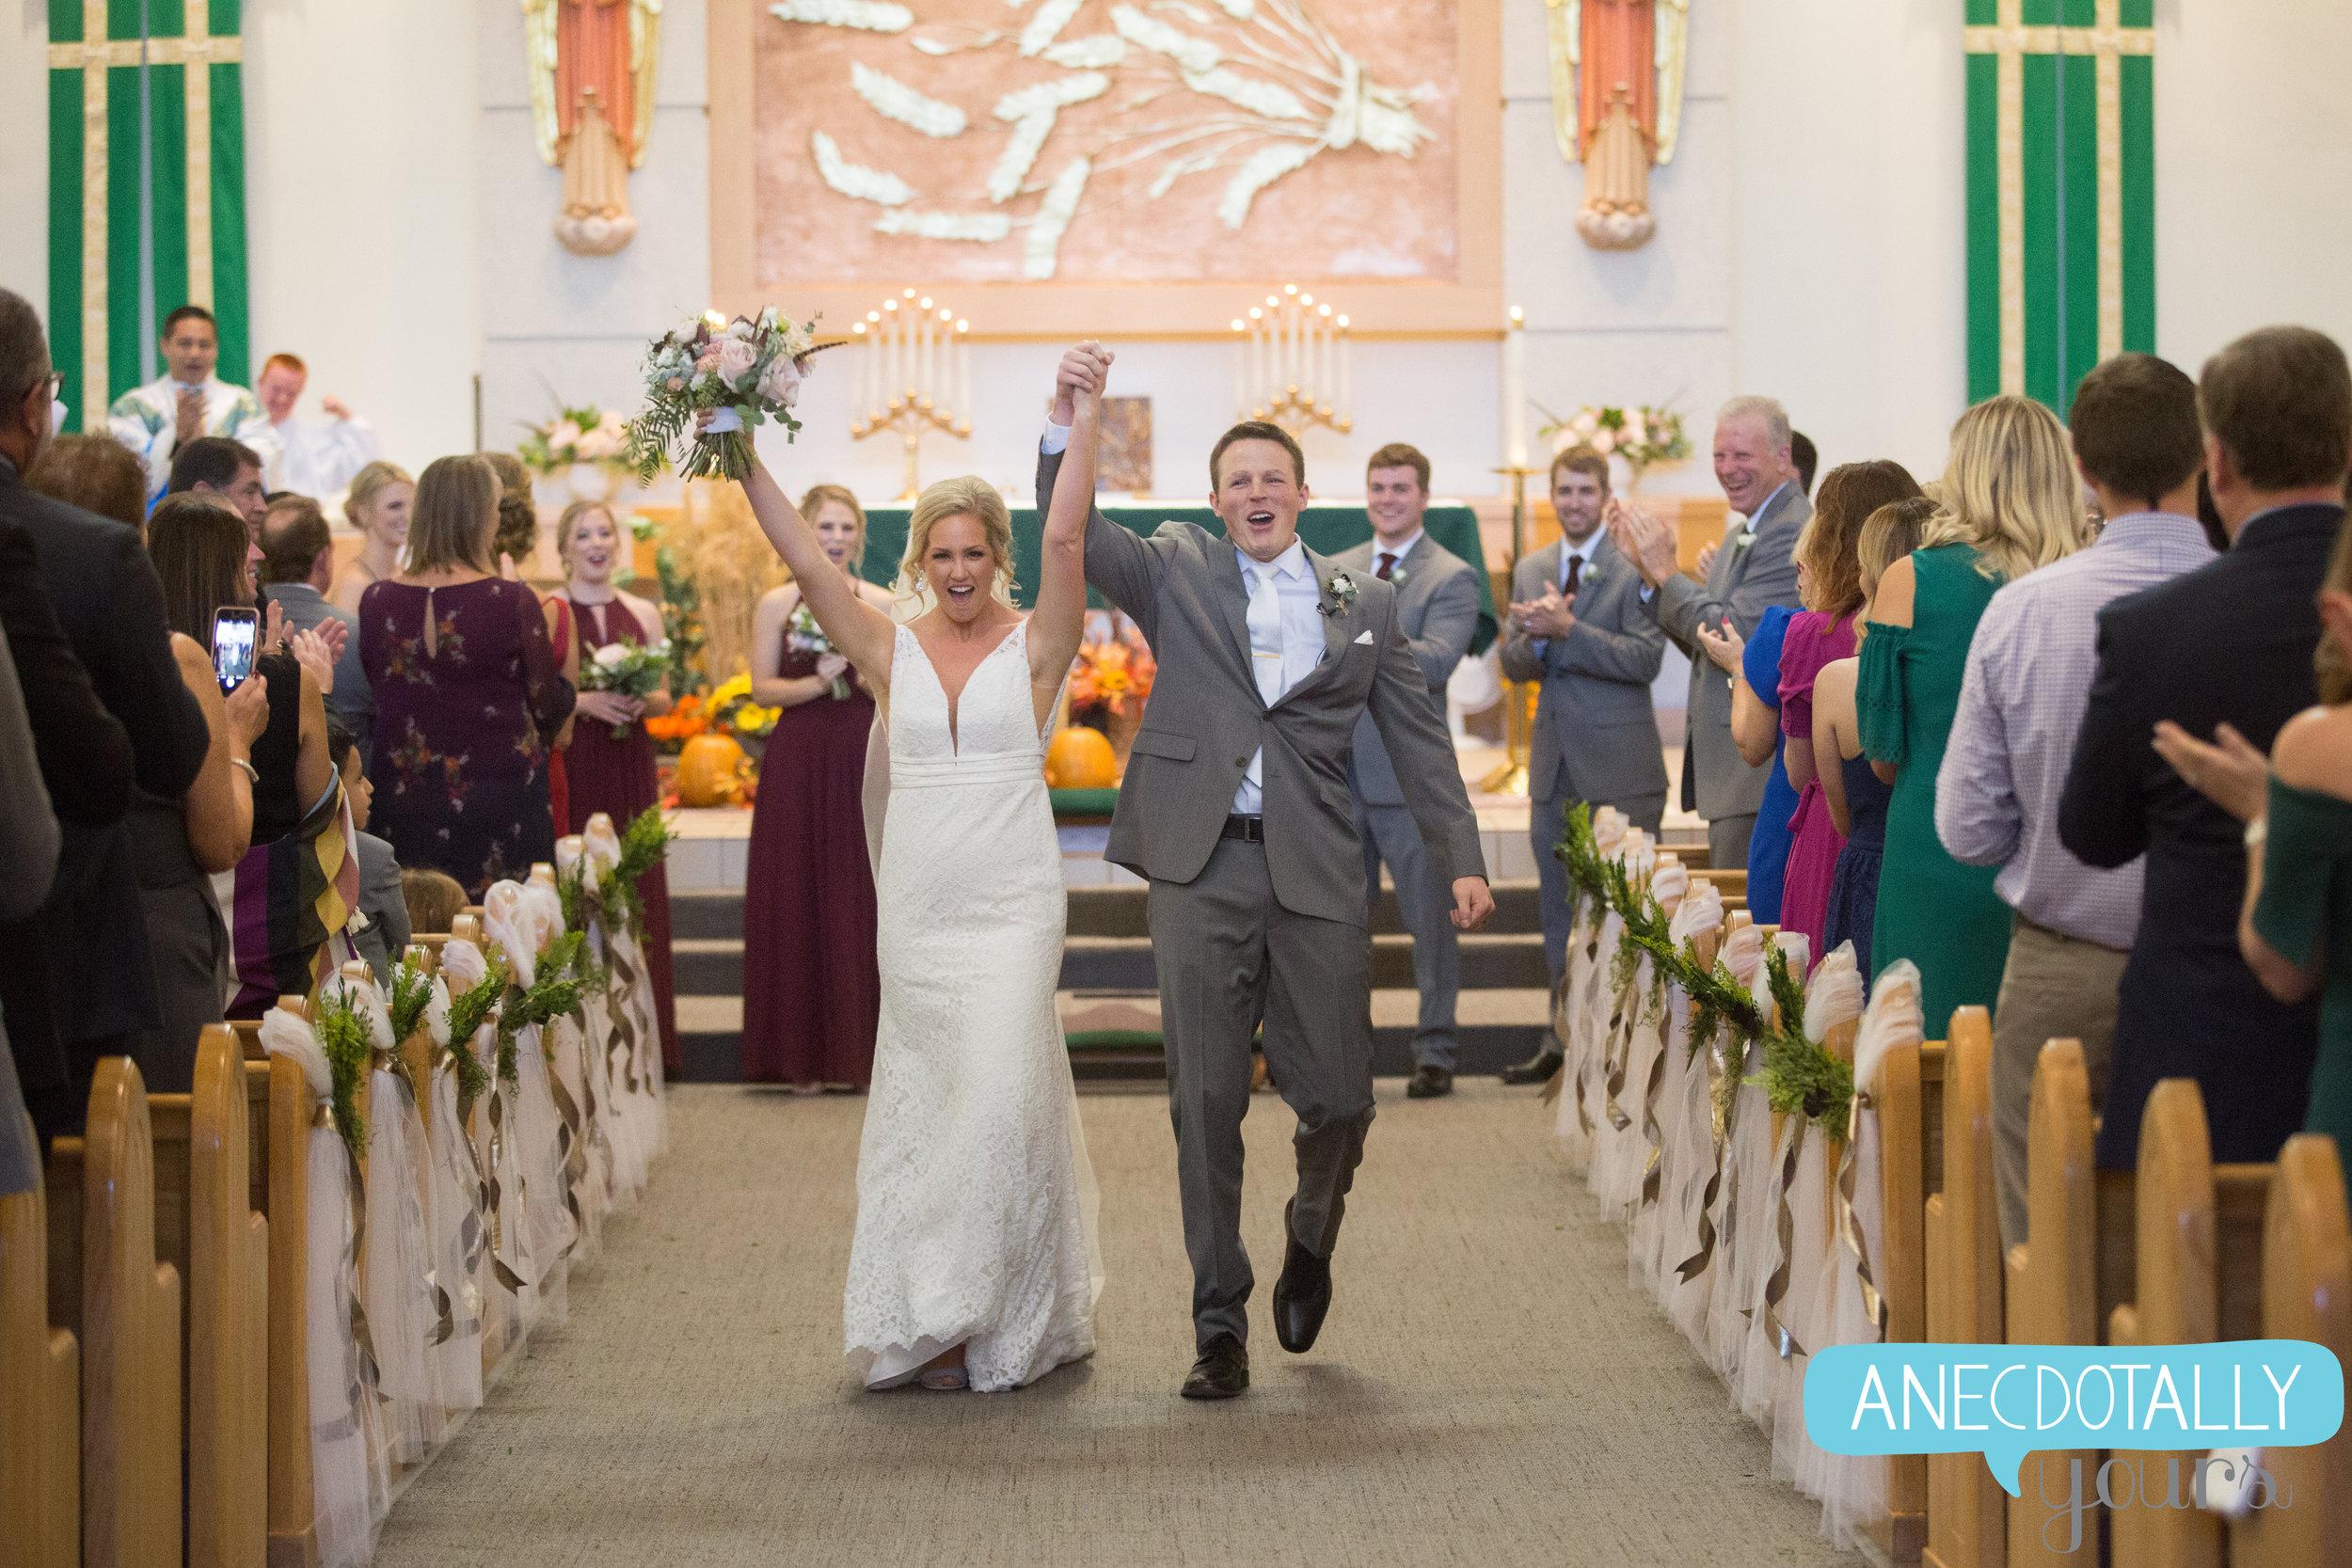 mildale-farm-wedding-64.jpg